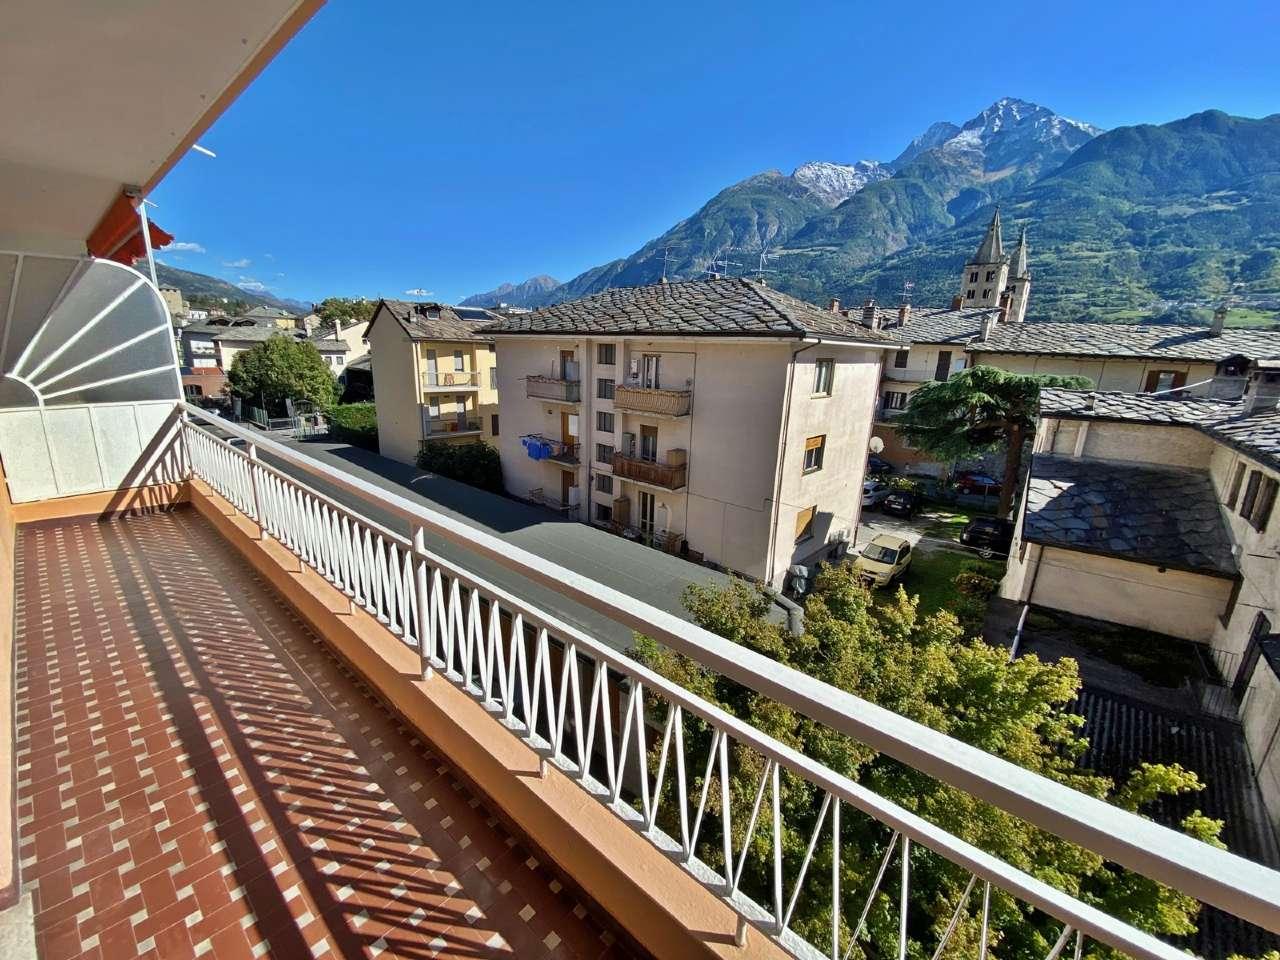 Appartamento in affitto a Aosta, 5 locali, prezzo € 820 | PortaleAgenzieImmobiliari.it